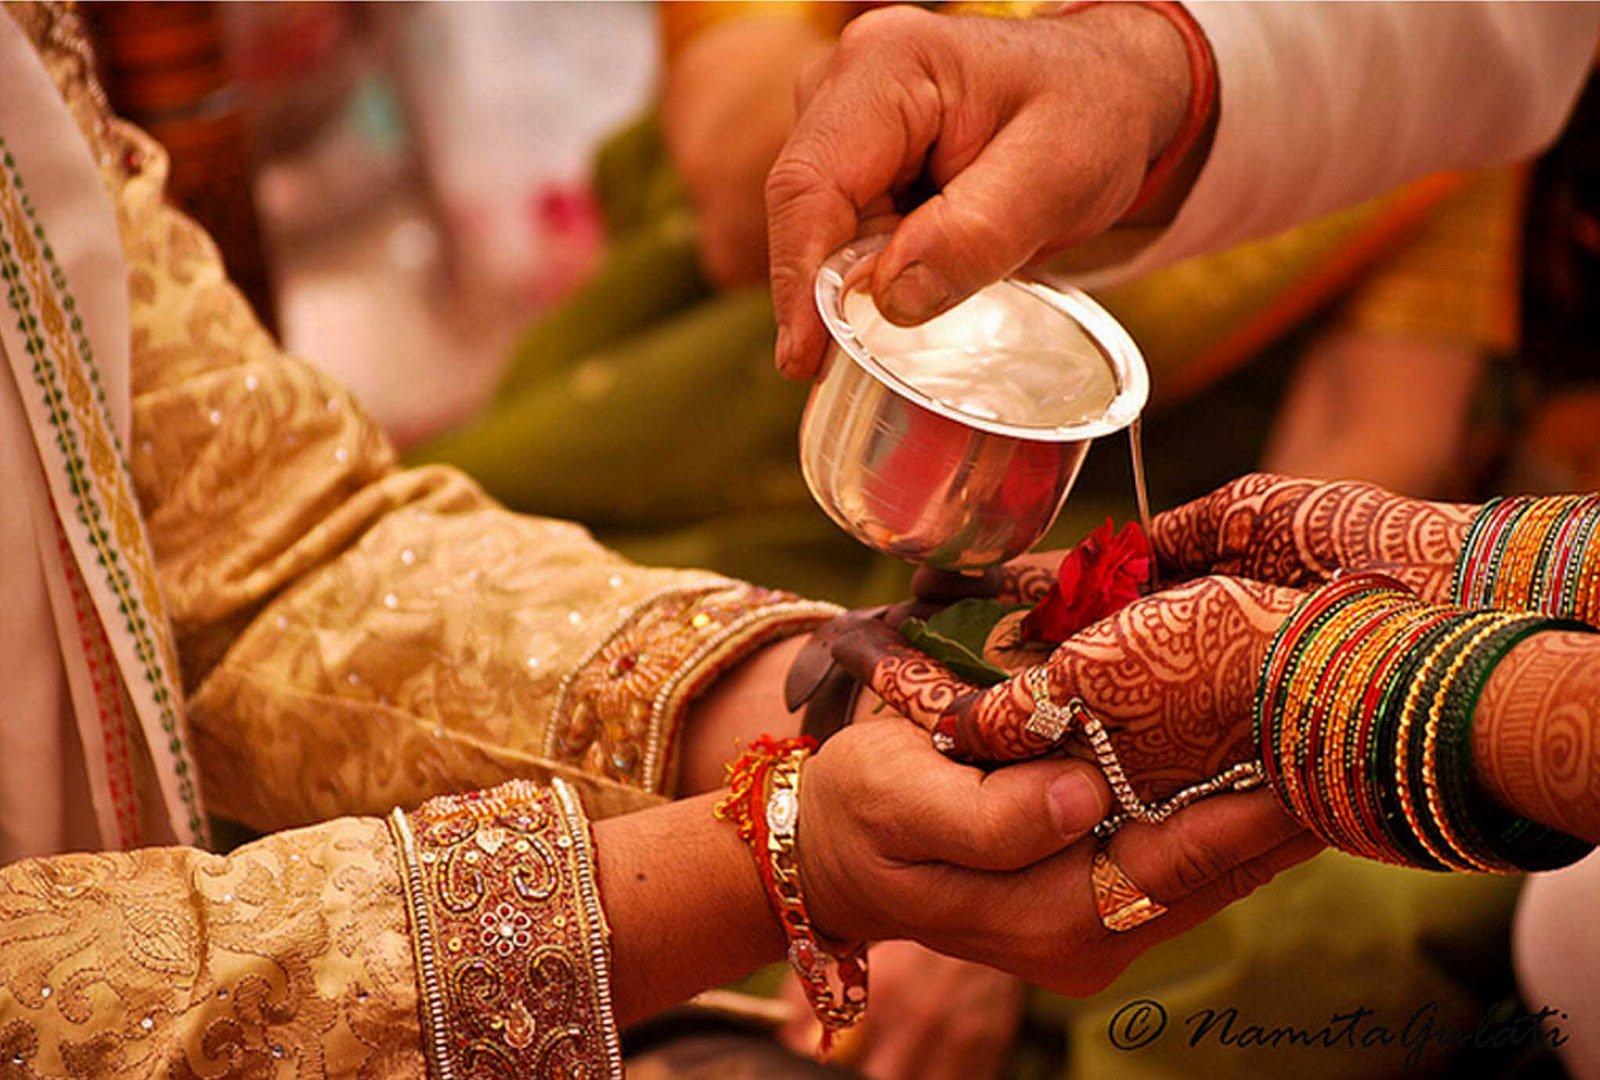 अन्तर्जातीय और अंतरधार्मिक विवाह: कैसे करवाएँ रजिस्ट्रेशन?